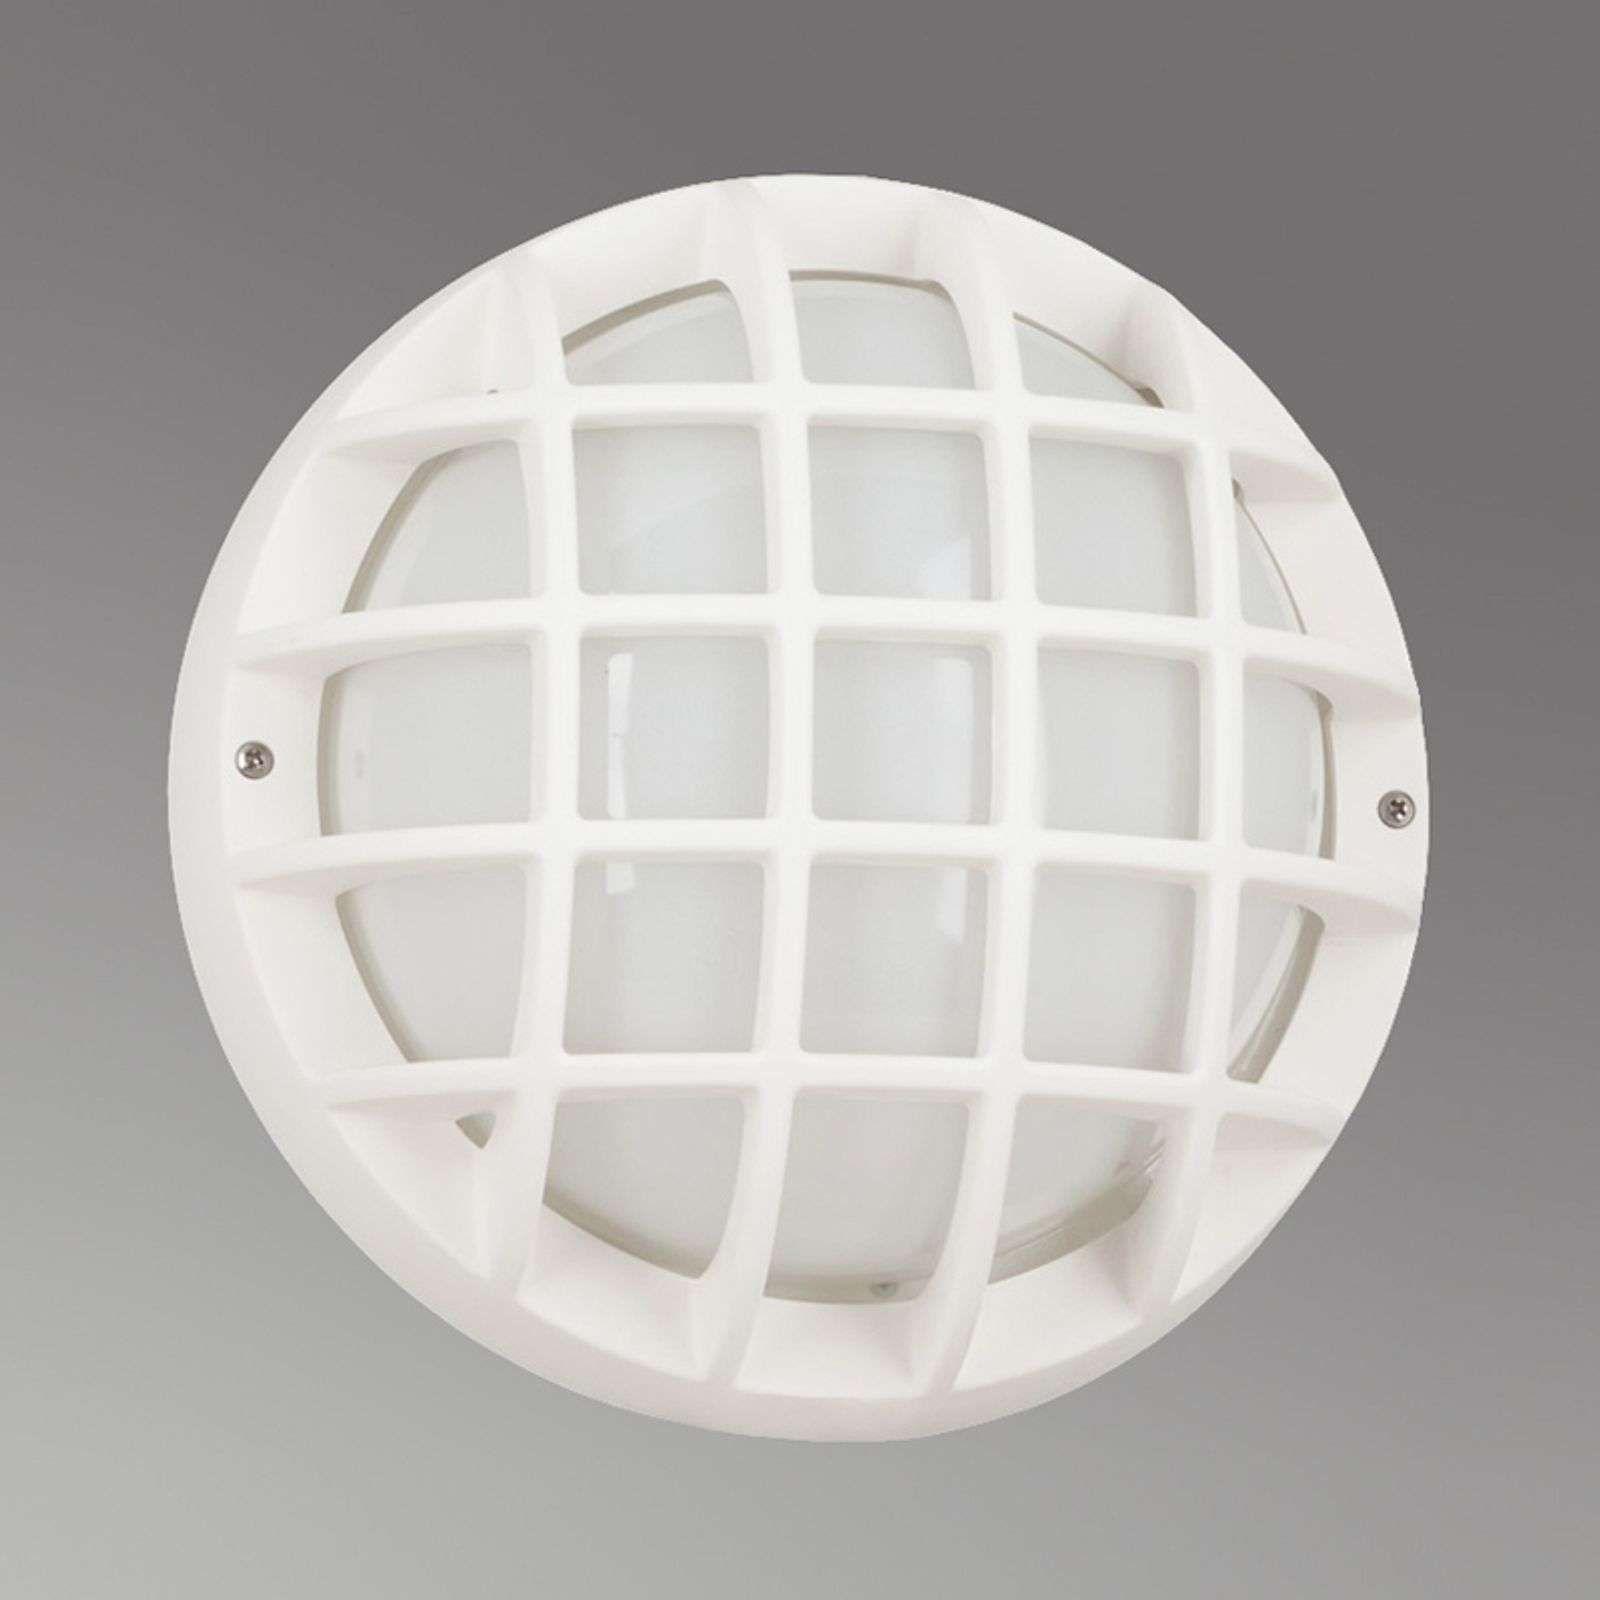 Aussenwandleuchte Eko 21 G Ip44 Weiss Plafonnier Formes Simples Blanc